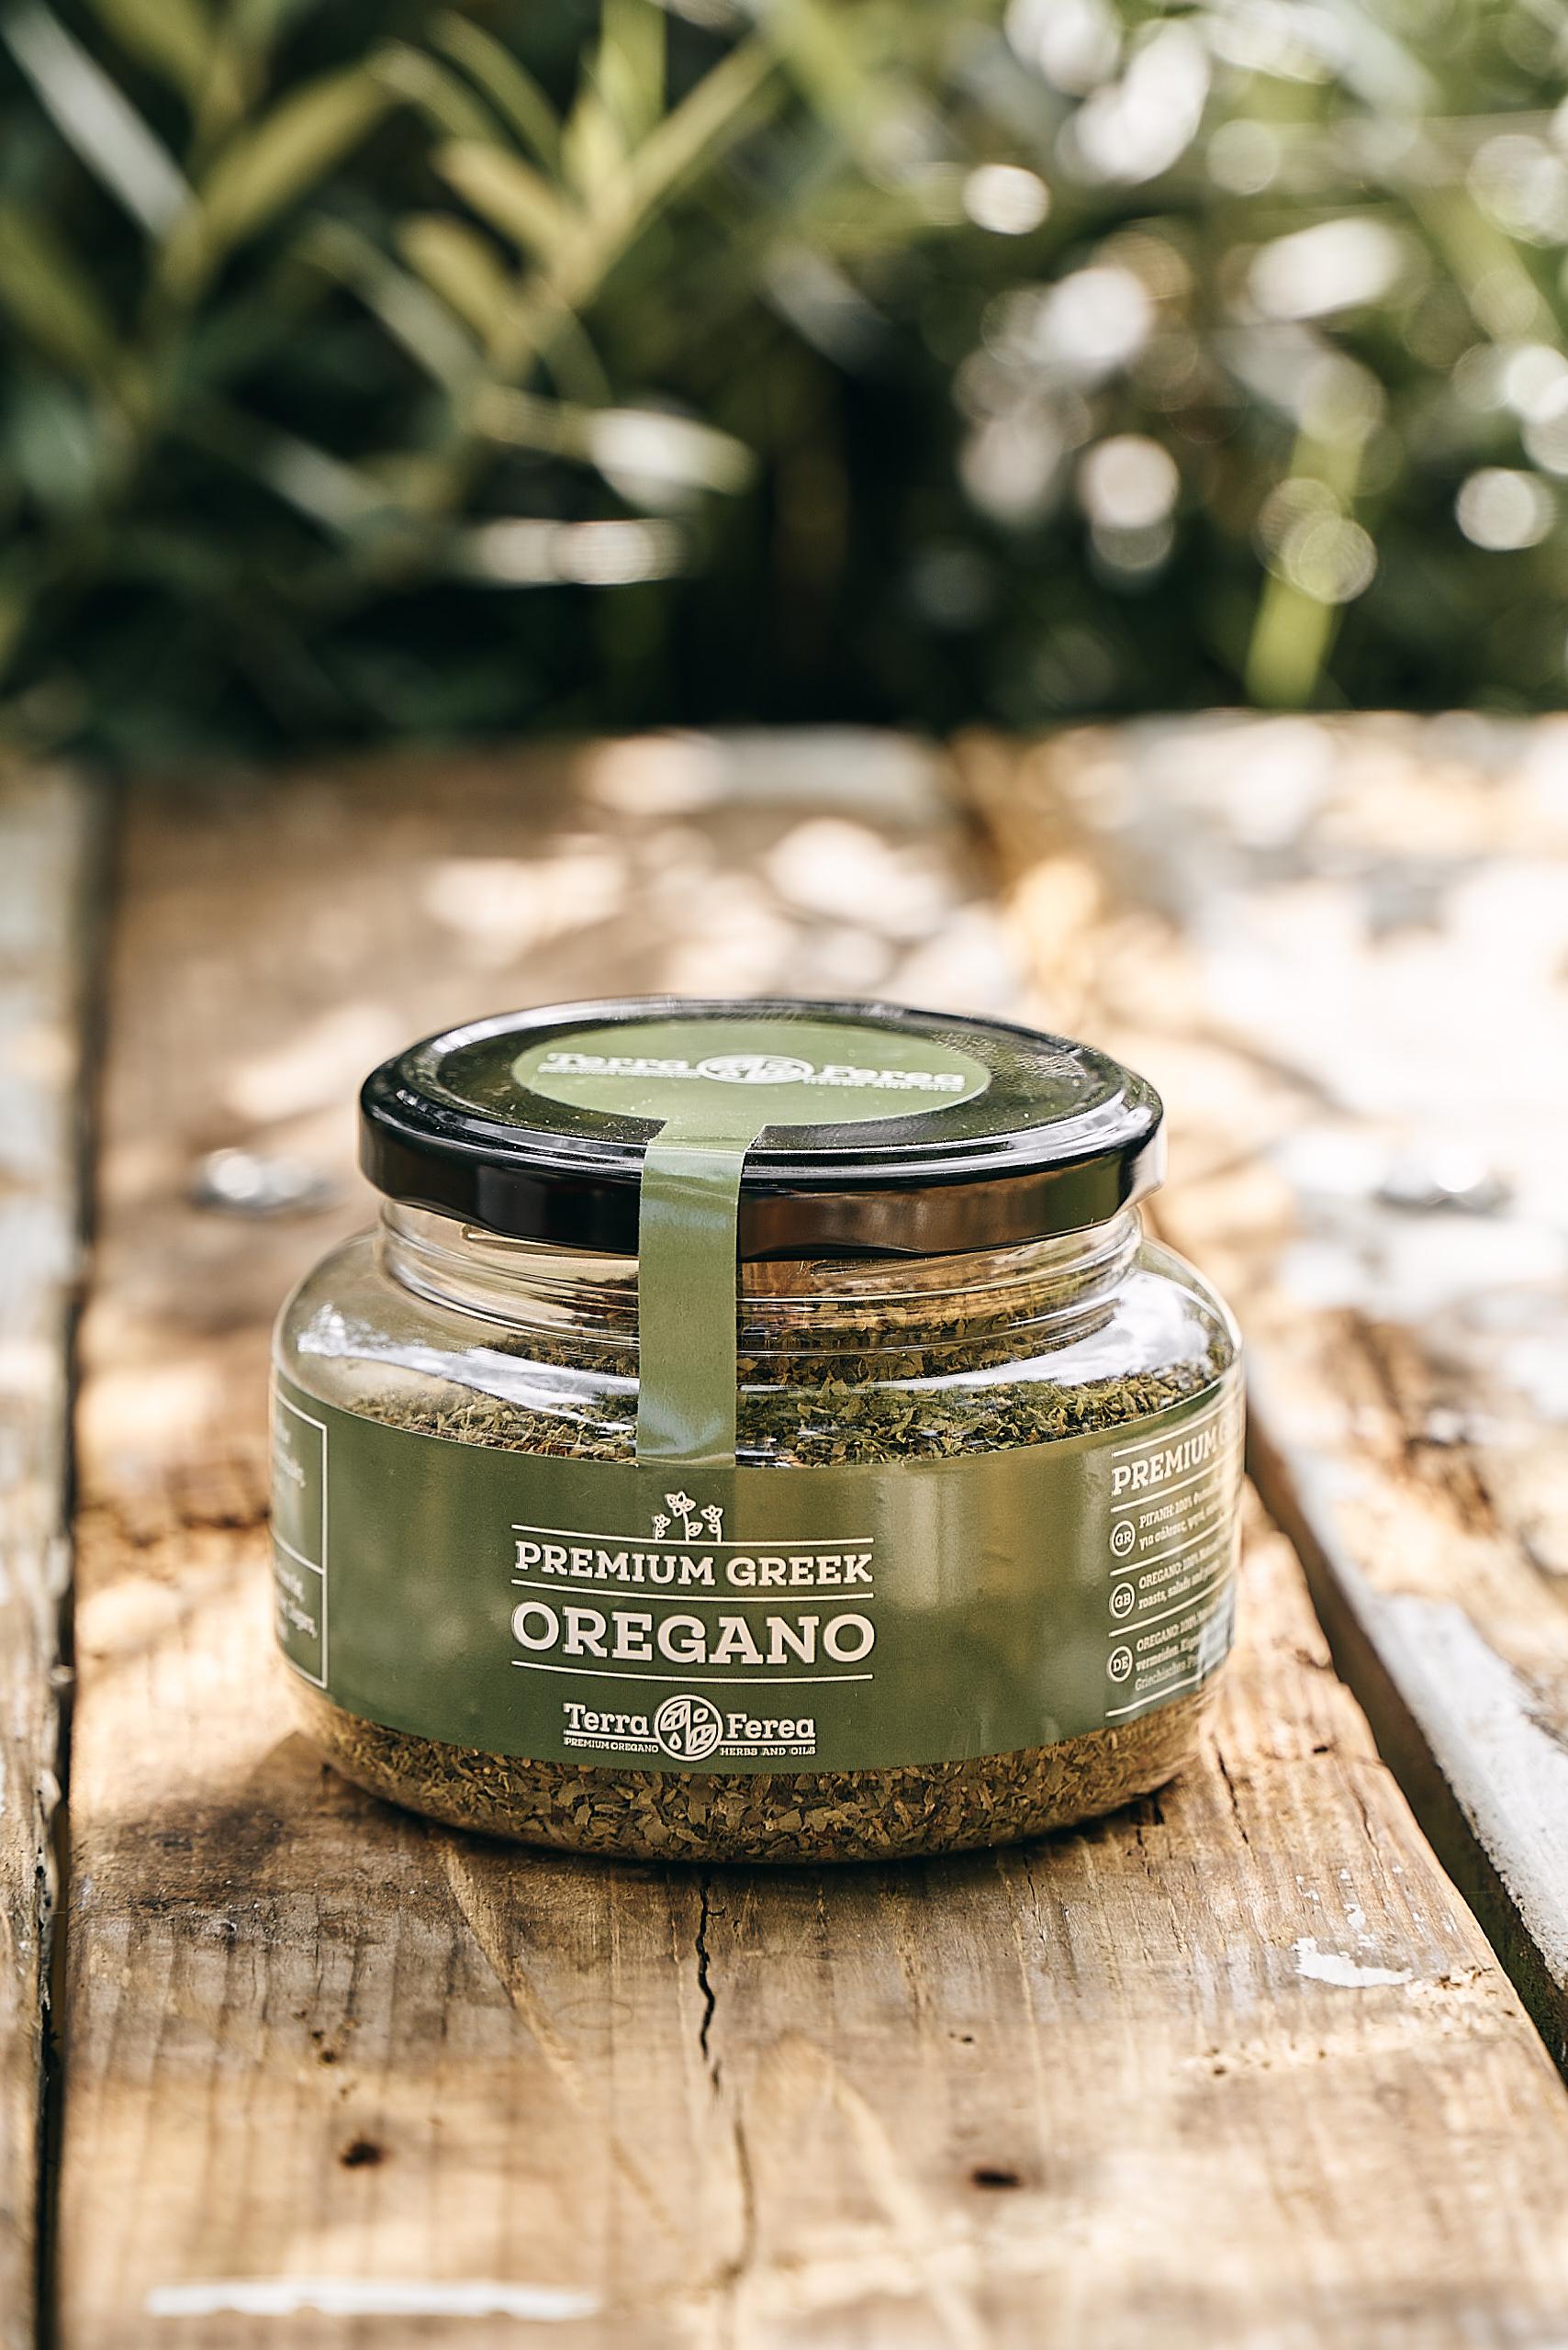 Oregano, getrocknet aus Griechenland